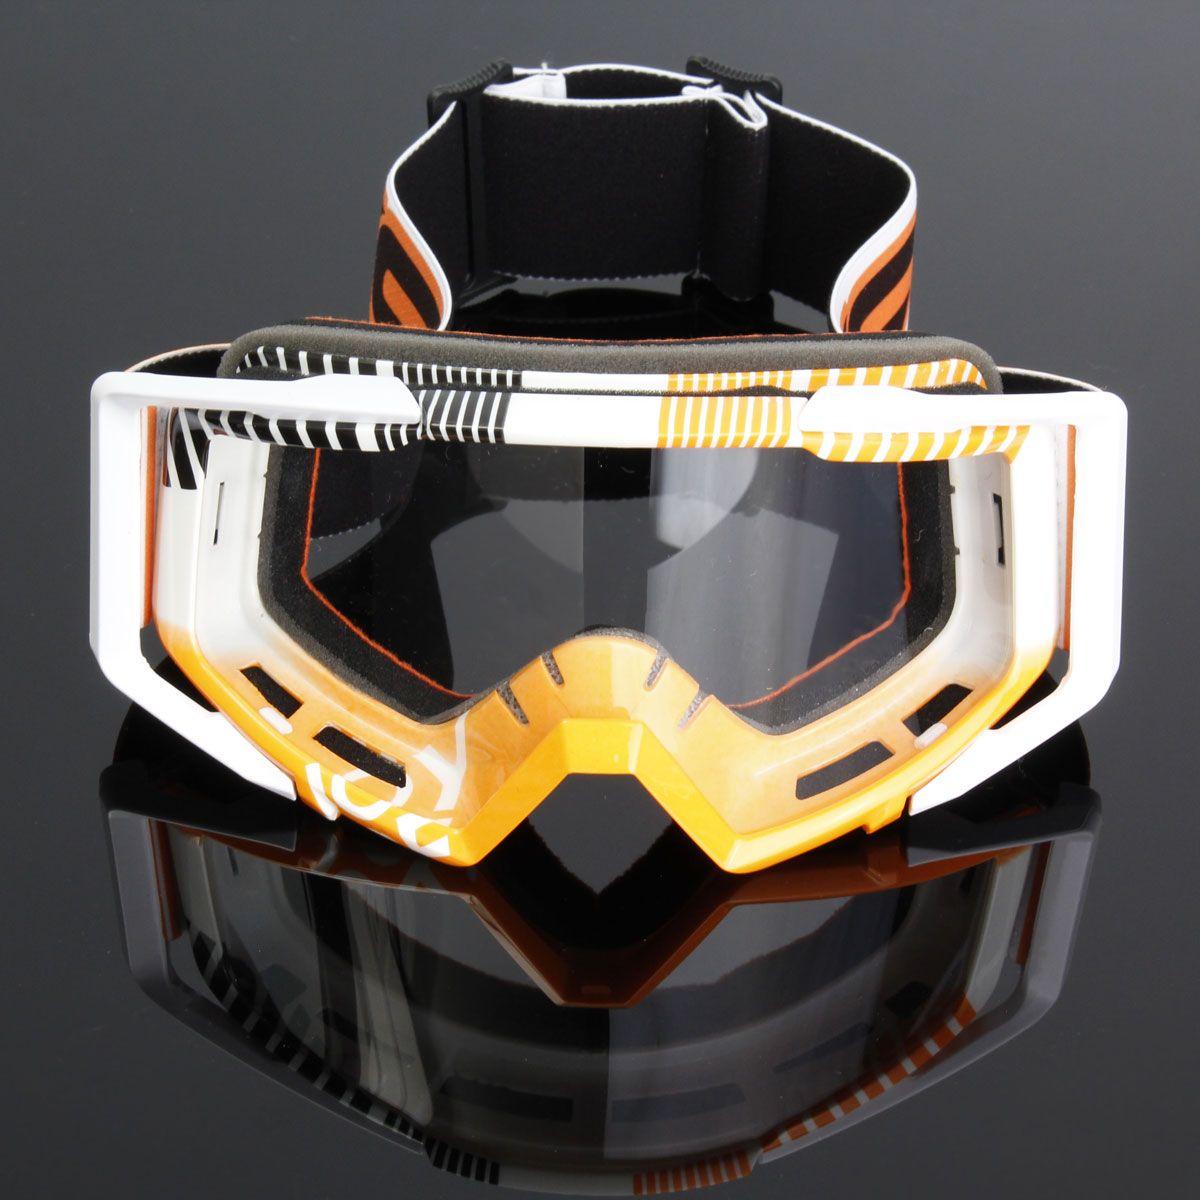 Пыле мотоциклов Очки очки для кросса Гибкая очки для беговых